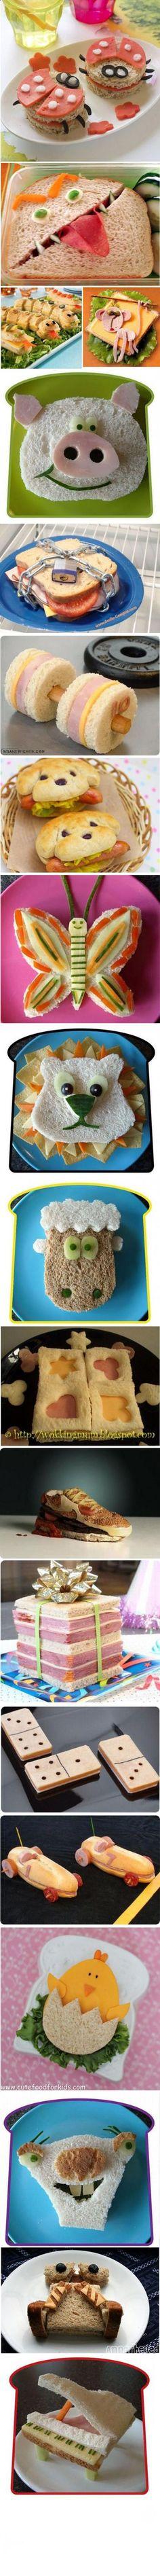 Más Recetas en https://lomejordelaweb.es/   Découvrez 18 manières de préparer un sandwich.